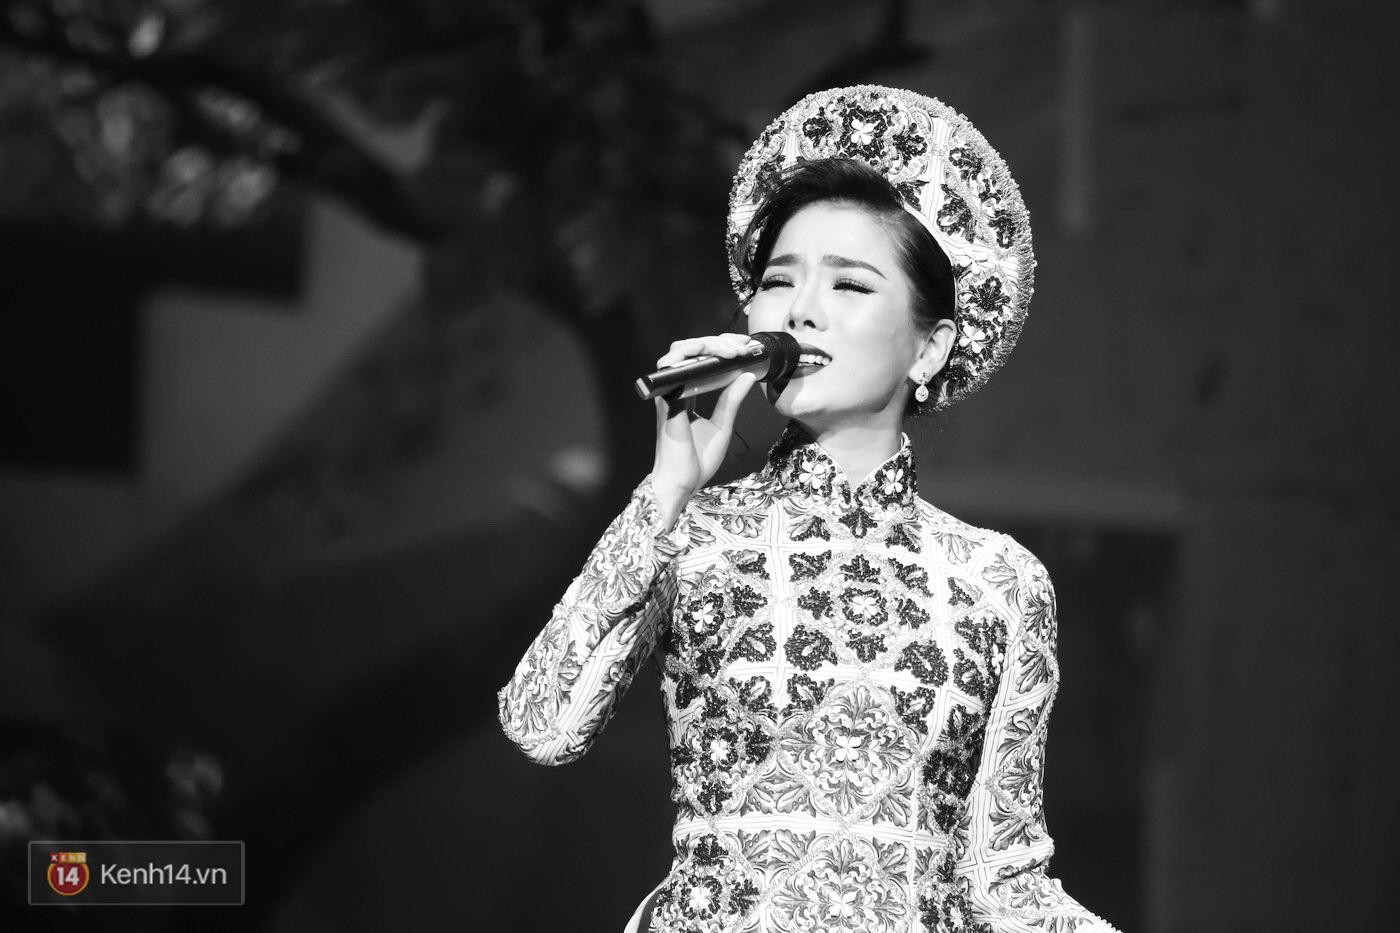 Lệ Quyên ước mình được làm cô dâu của Quang Dũng - Ảnh 11.